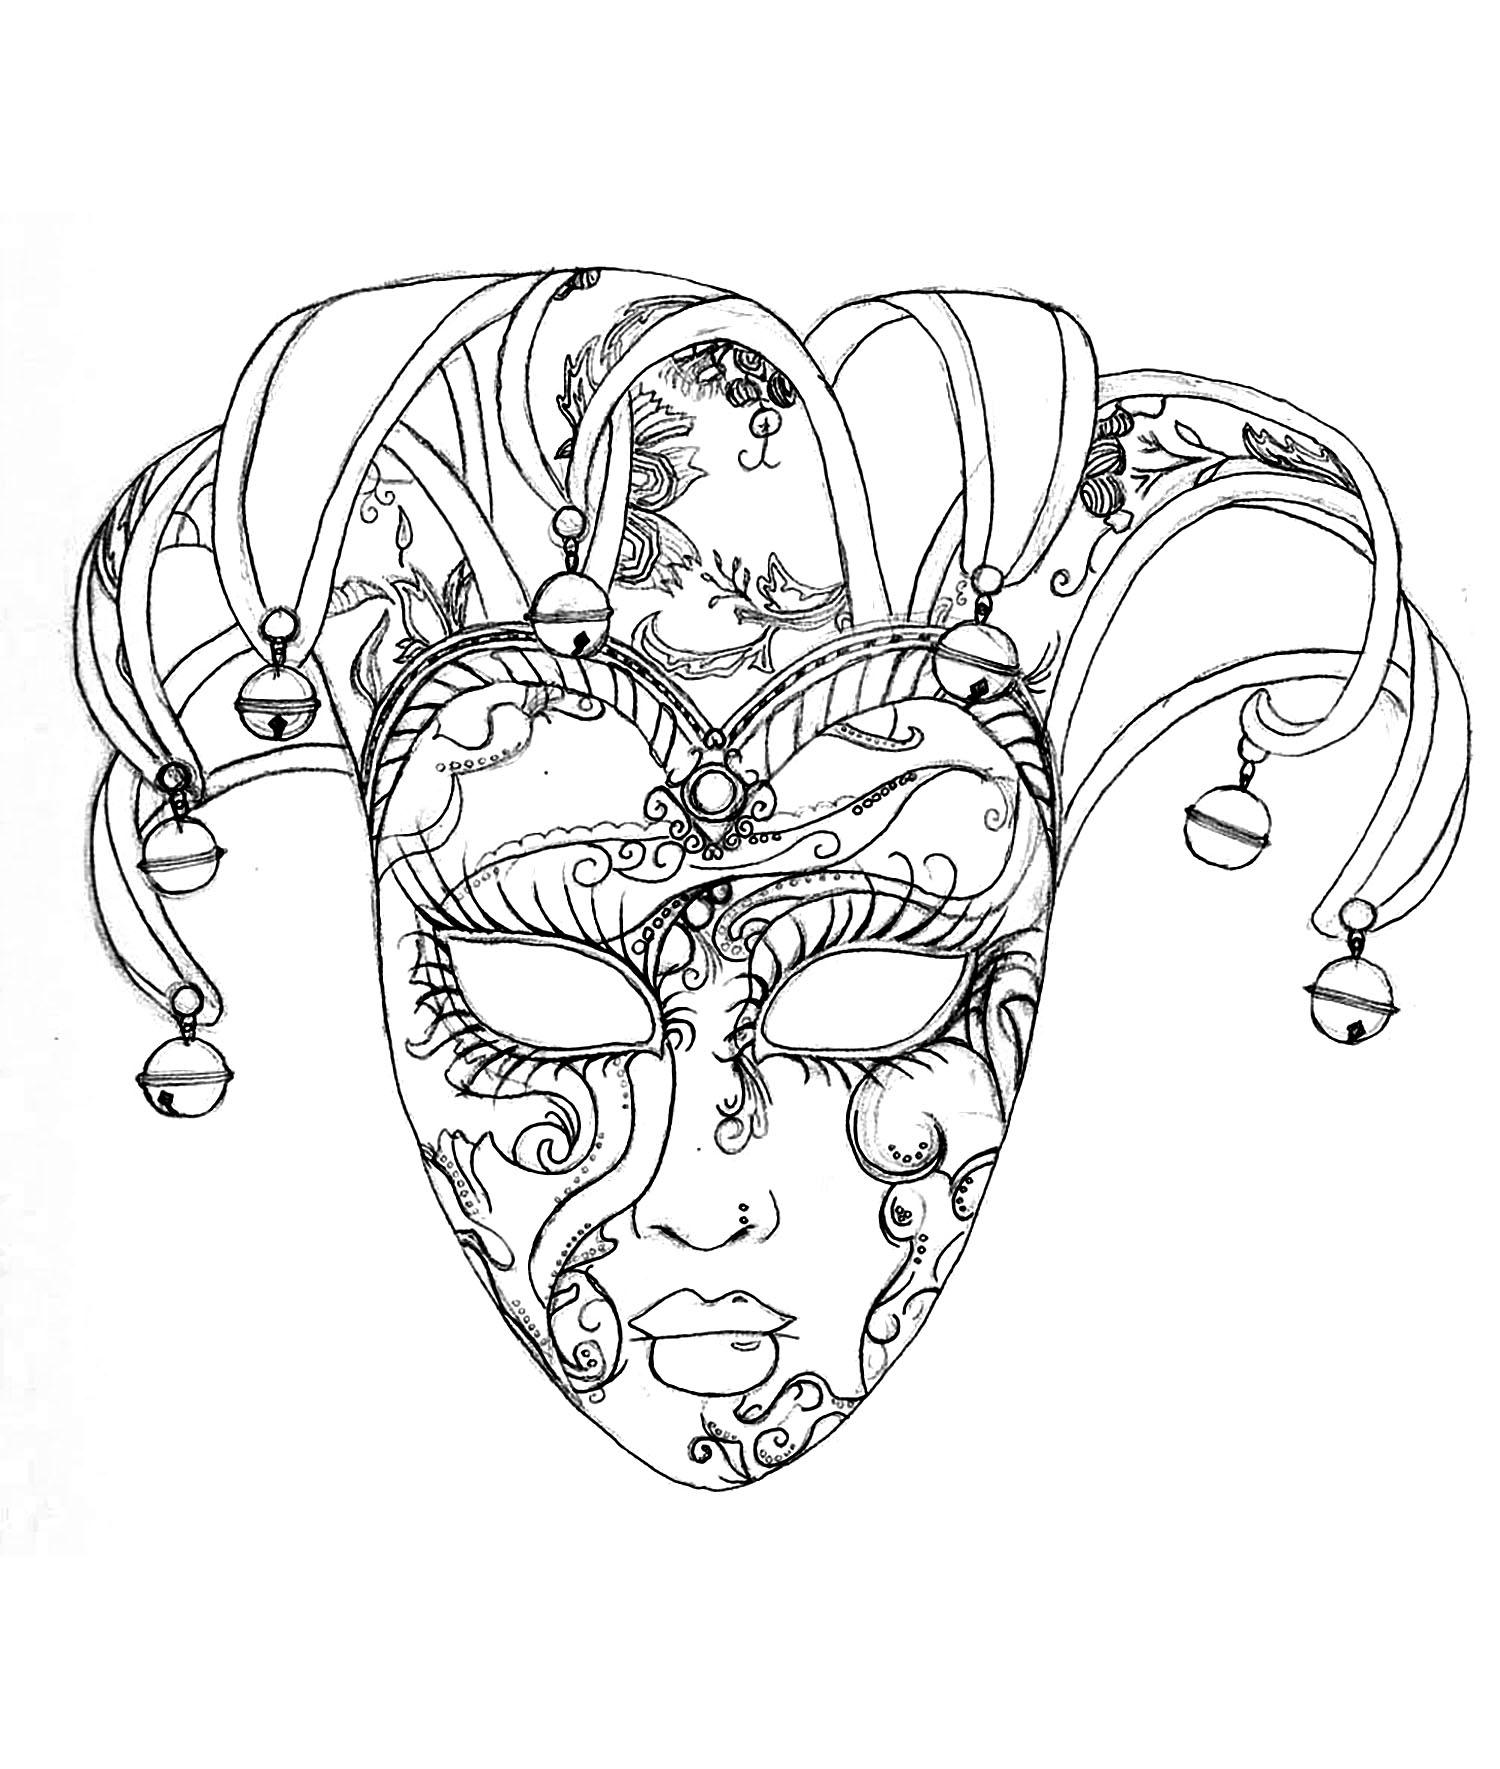 Masque du carnaval de venise f tes coloriages difficiles pour adultes - Masque de carnaval de venise a imprimer ...